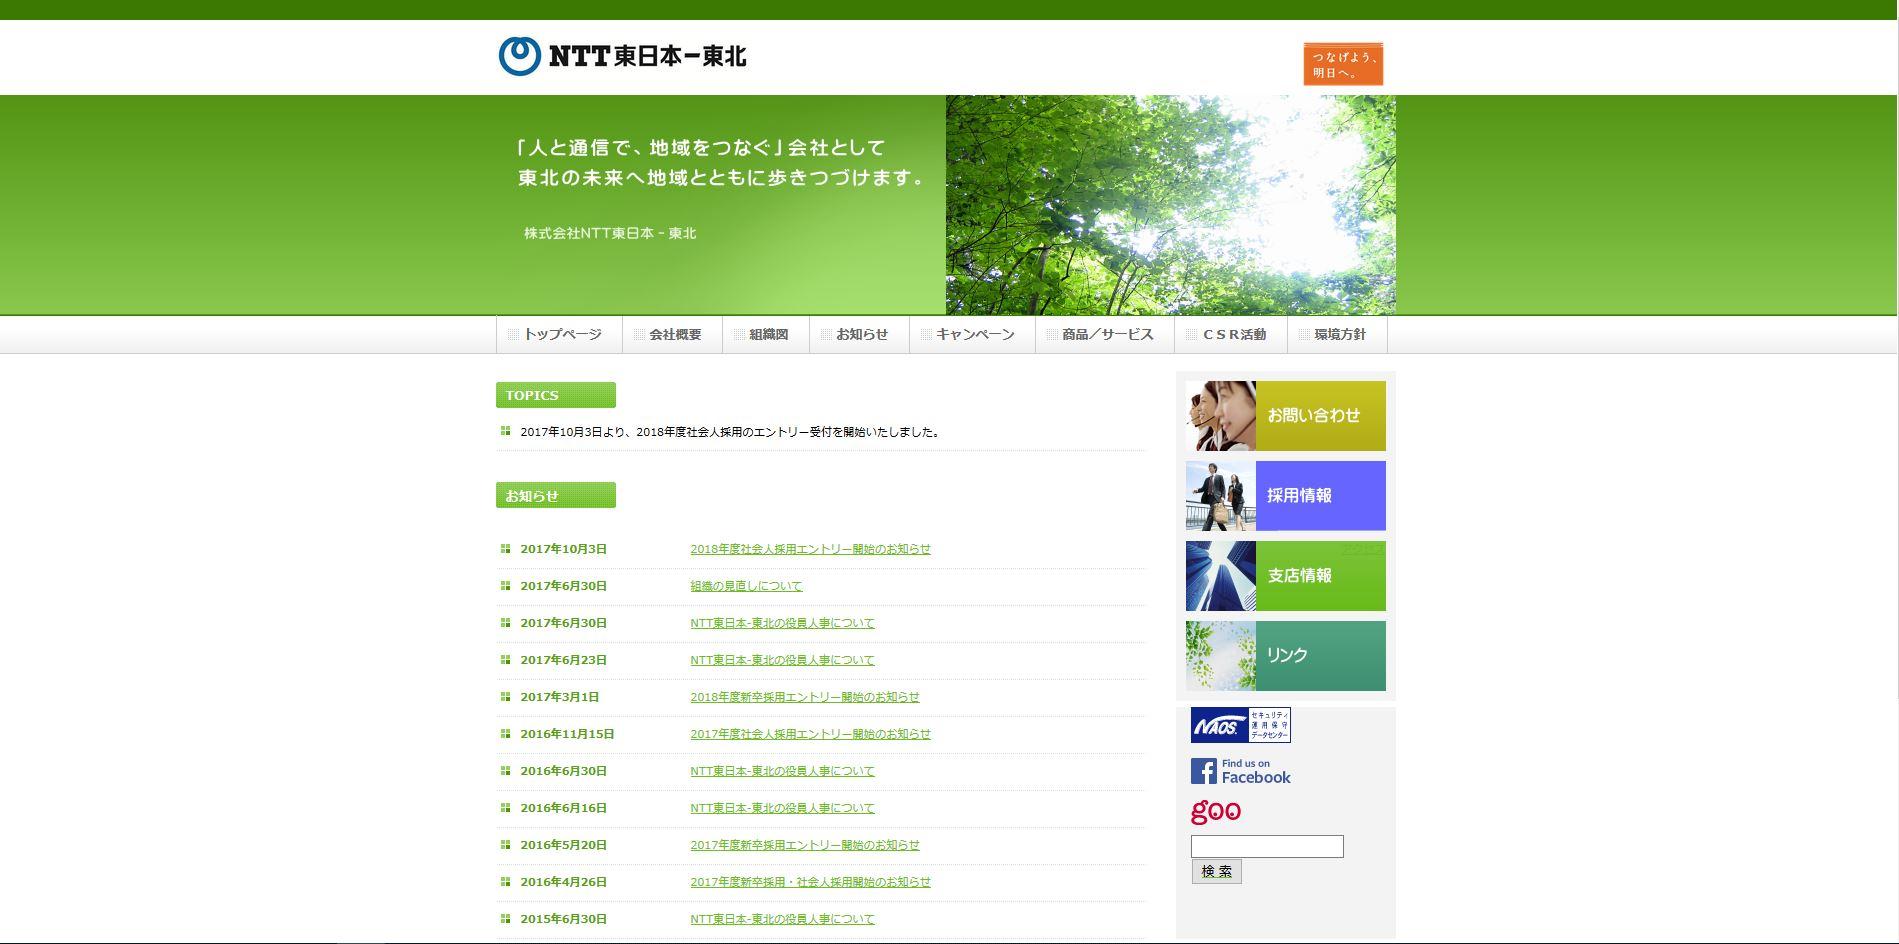 NTT東日本-東北の働きやすさ・評判は?